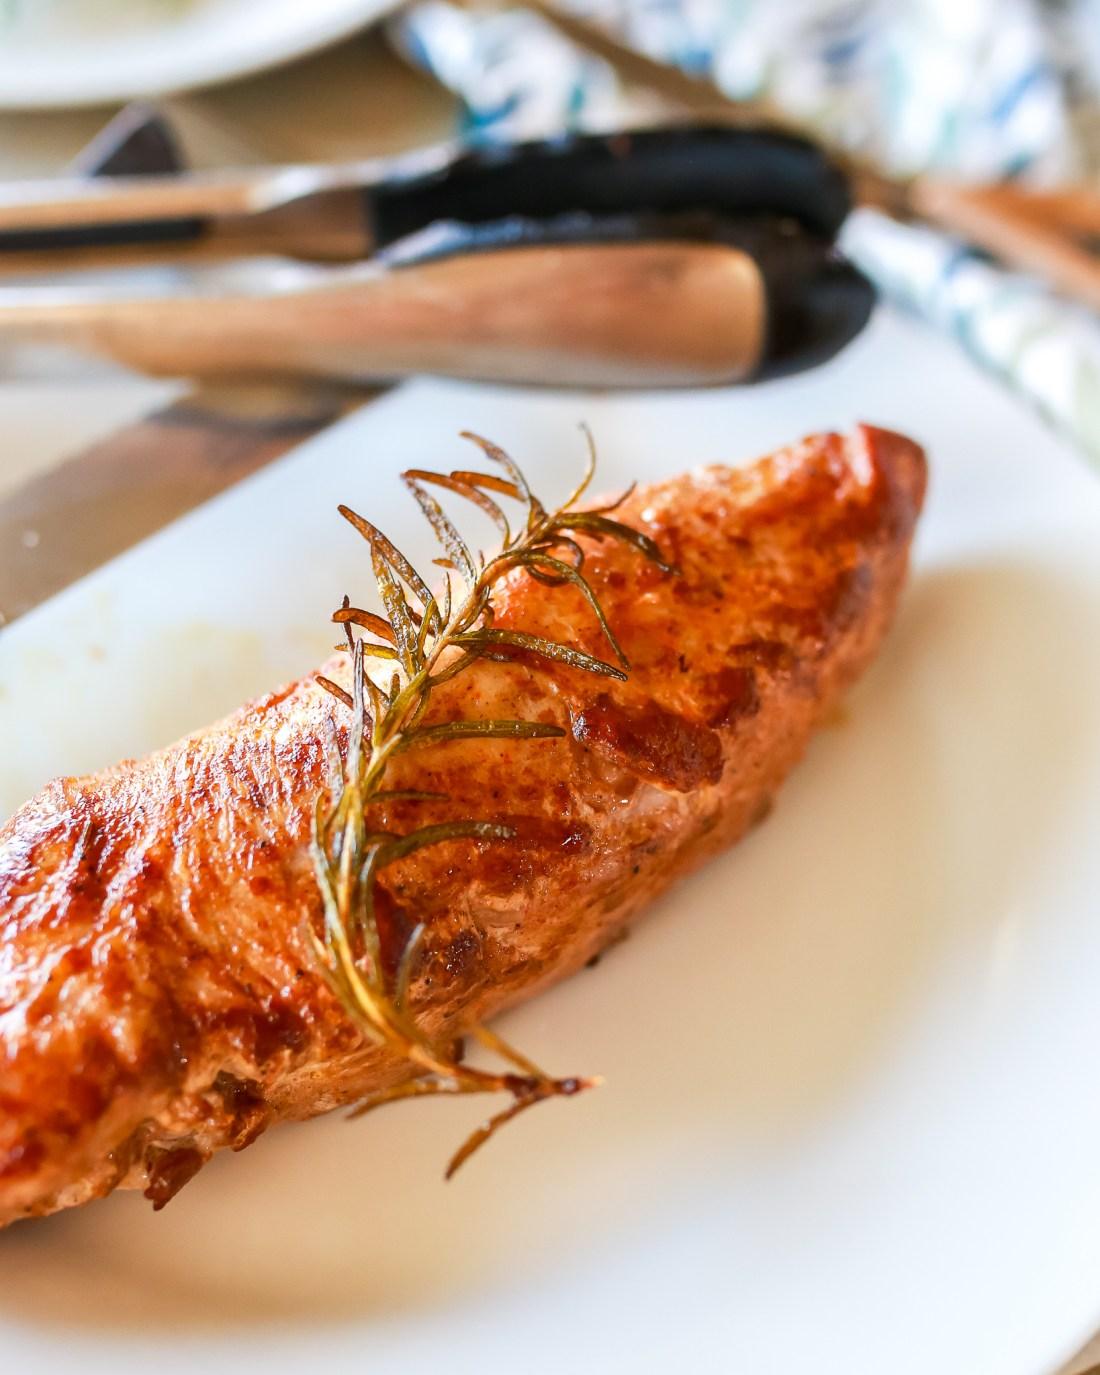 Best ever oven roasted pork tenderloin recipe!